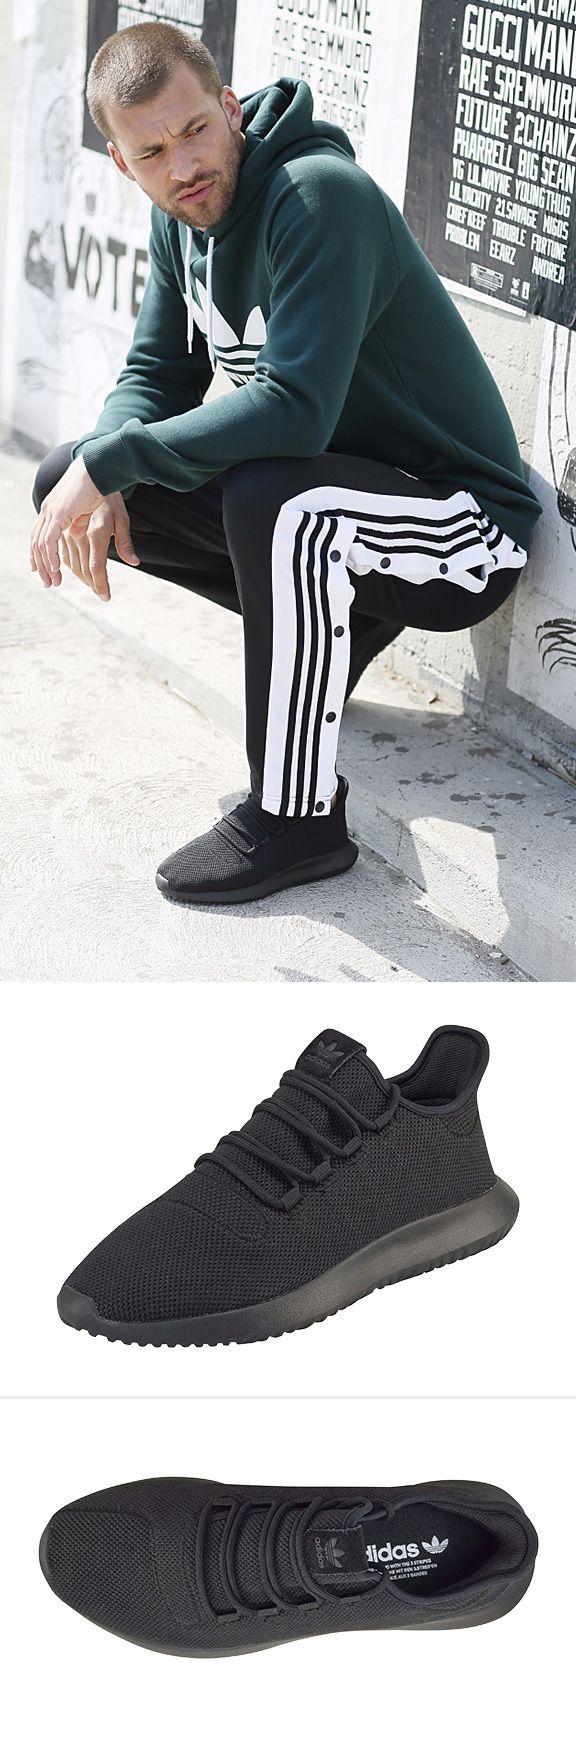 Wahre Größe beweist der schicke Sneaker »Tubular Shadow« von adidas Originals! Mit seinem angesagten Design und großartigen Komfort wird der stylische Freizeitschuh im Handumdrehen zum neuen Liebling im Schuhschrank. Moderne Männer werden von dem Schuh mit weich gepolstertem Einstieg und strapazierfähiger Laufsohle aus Gummi begeistert sein.